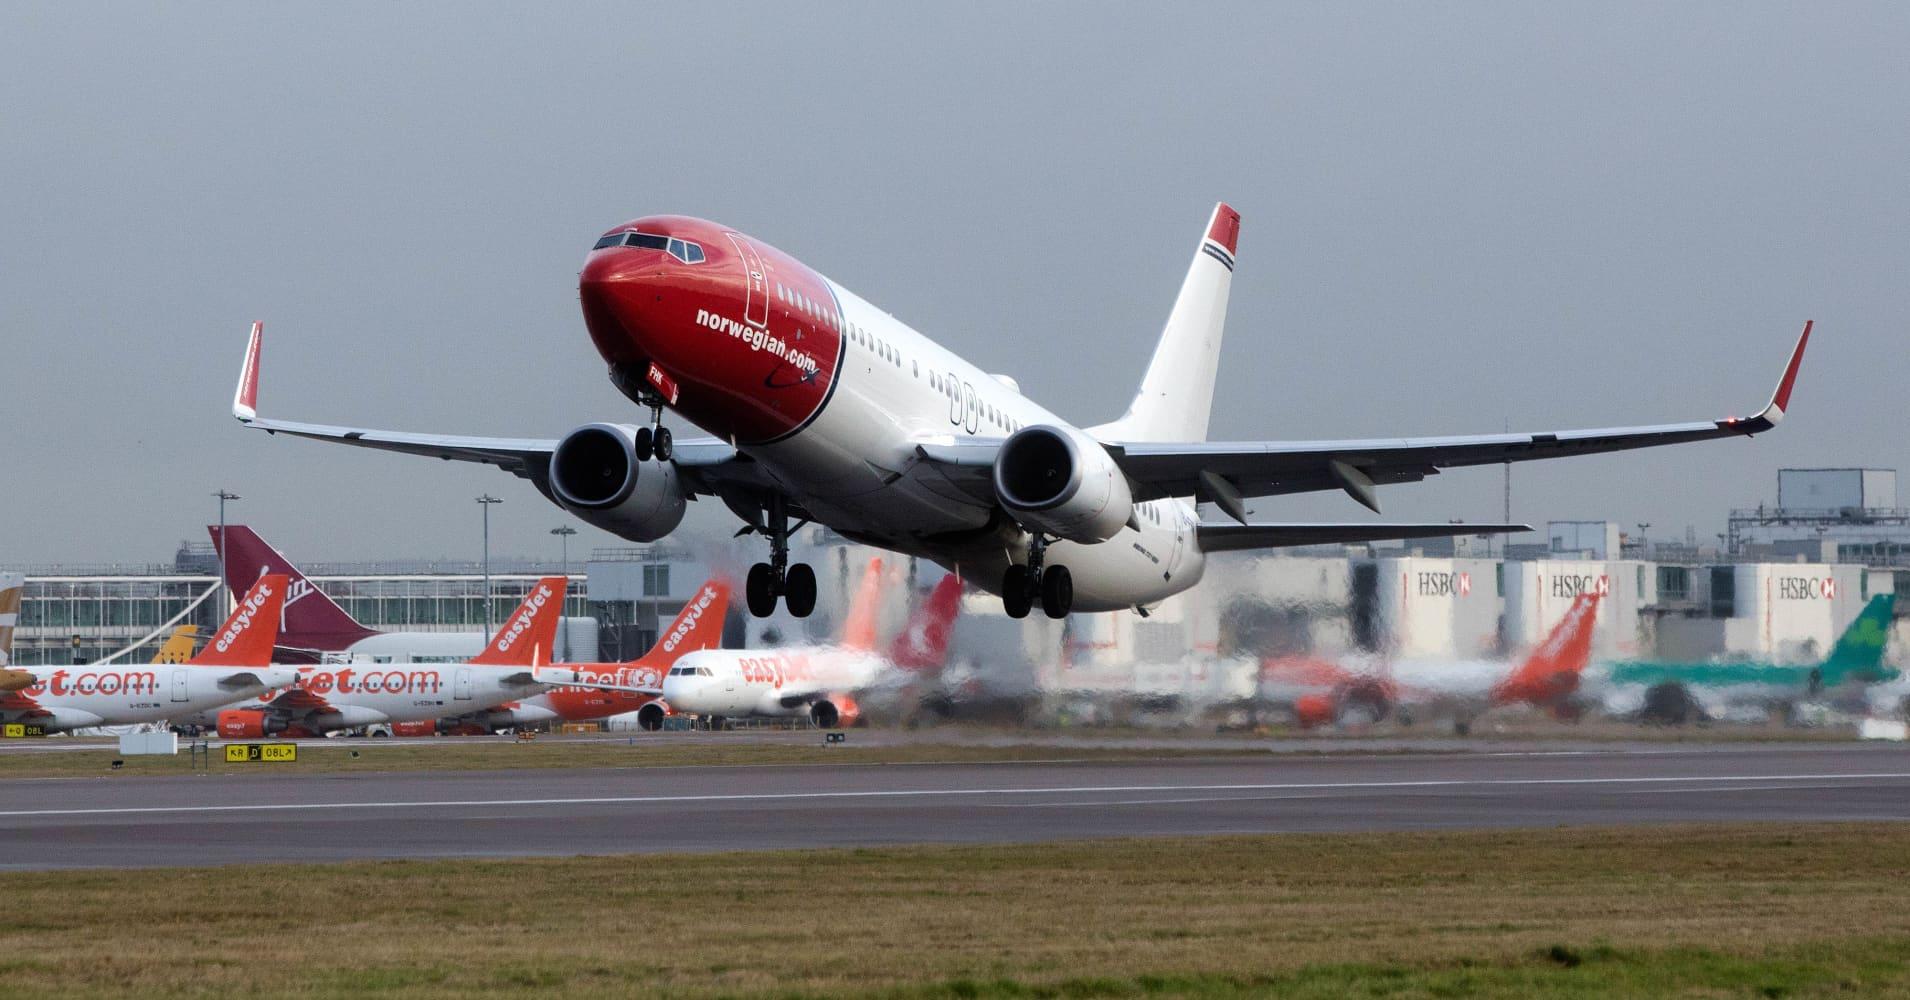 Airlines lag climate goals despite fuel efficiency improvement